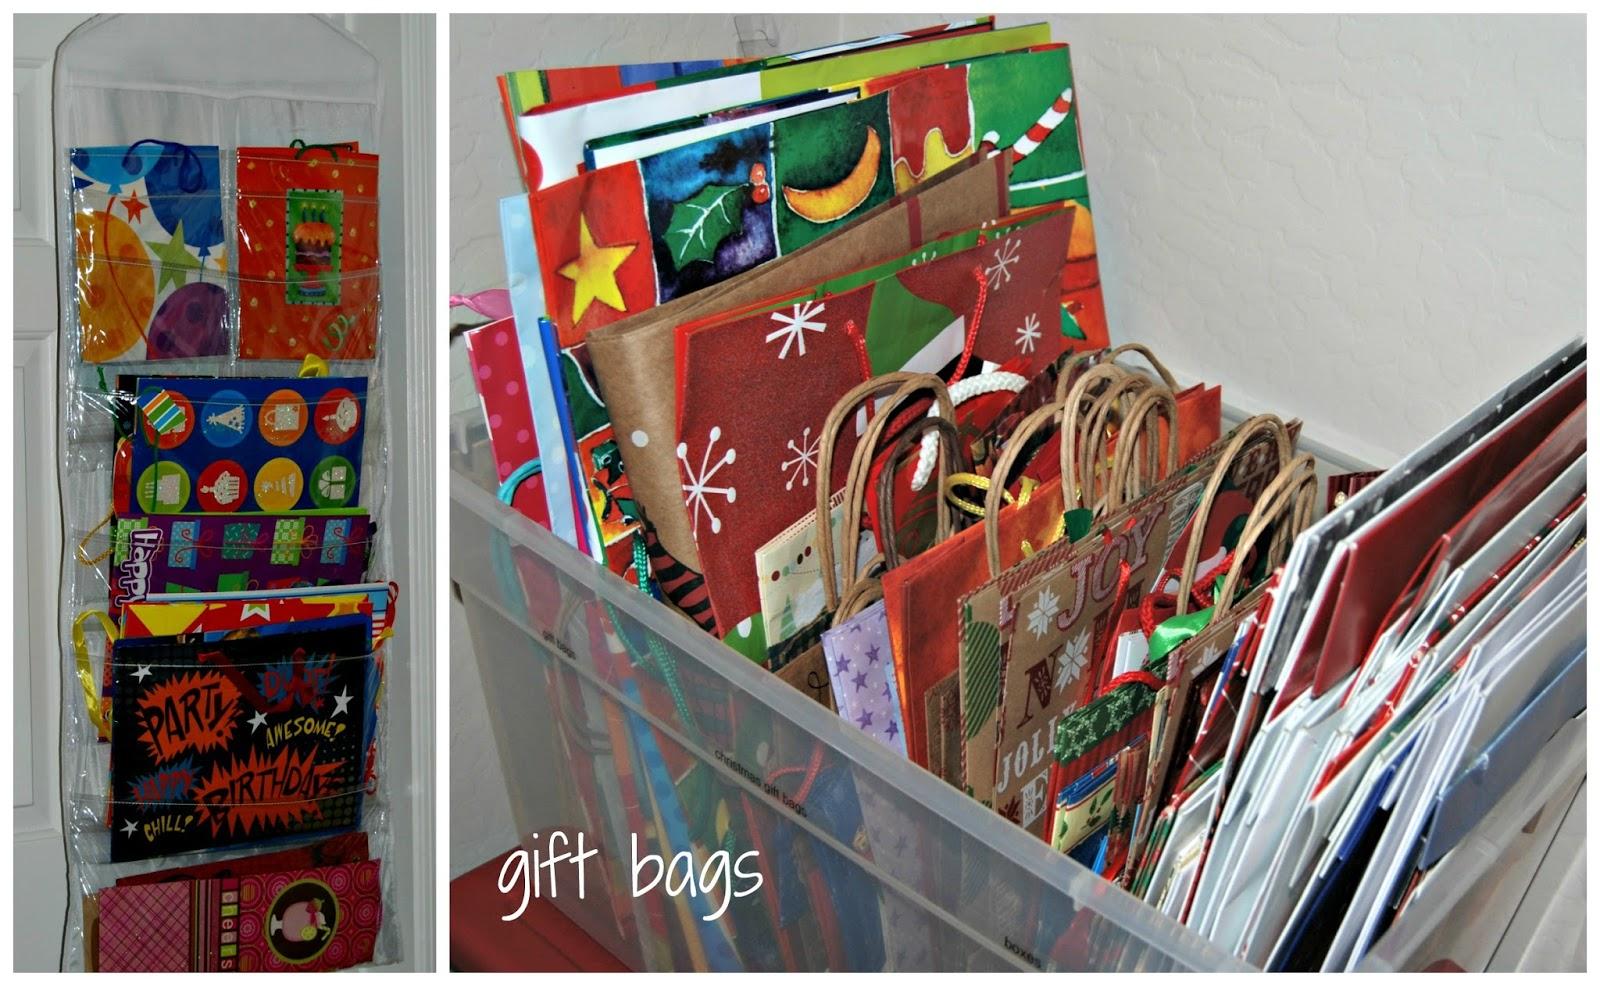 Tis the season for gift wrapping - gift wrap organization  tutorial  - Sweet Shoppe Mom - Phoenix AZ Blogger  sc 1 st  Sweet Shoppe Mom & Tis the season for gift wrapping - gift wrap organization  tutorial ...